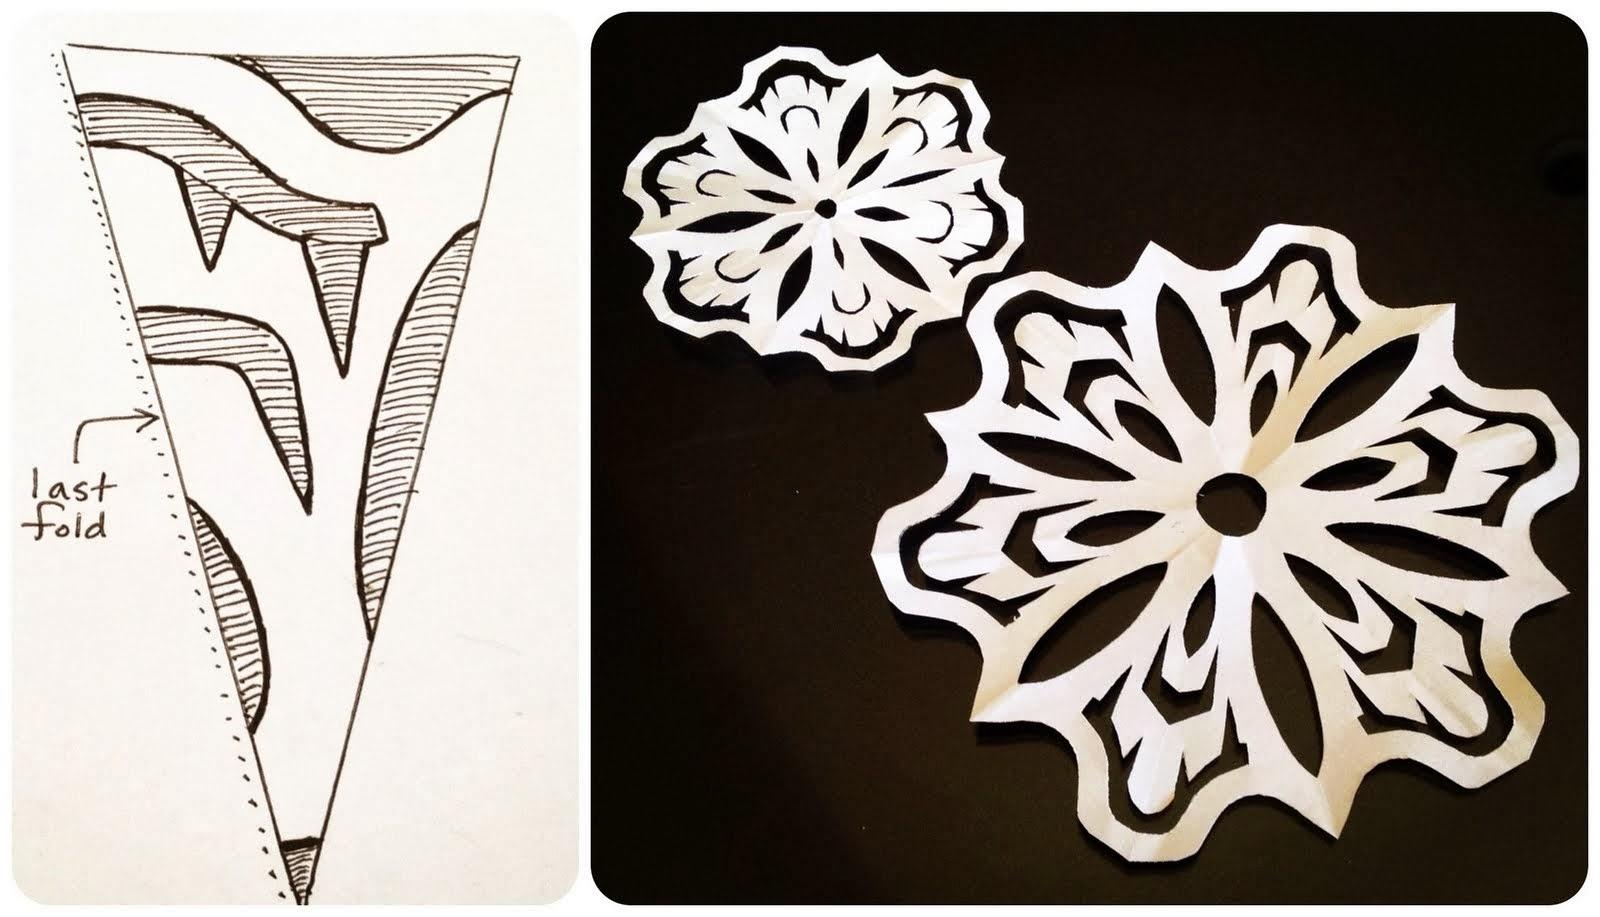 Famoso DIY: Come fare fiocchi di neve con la carta - Paper snowflakes  DT67